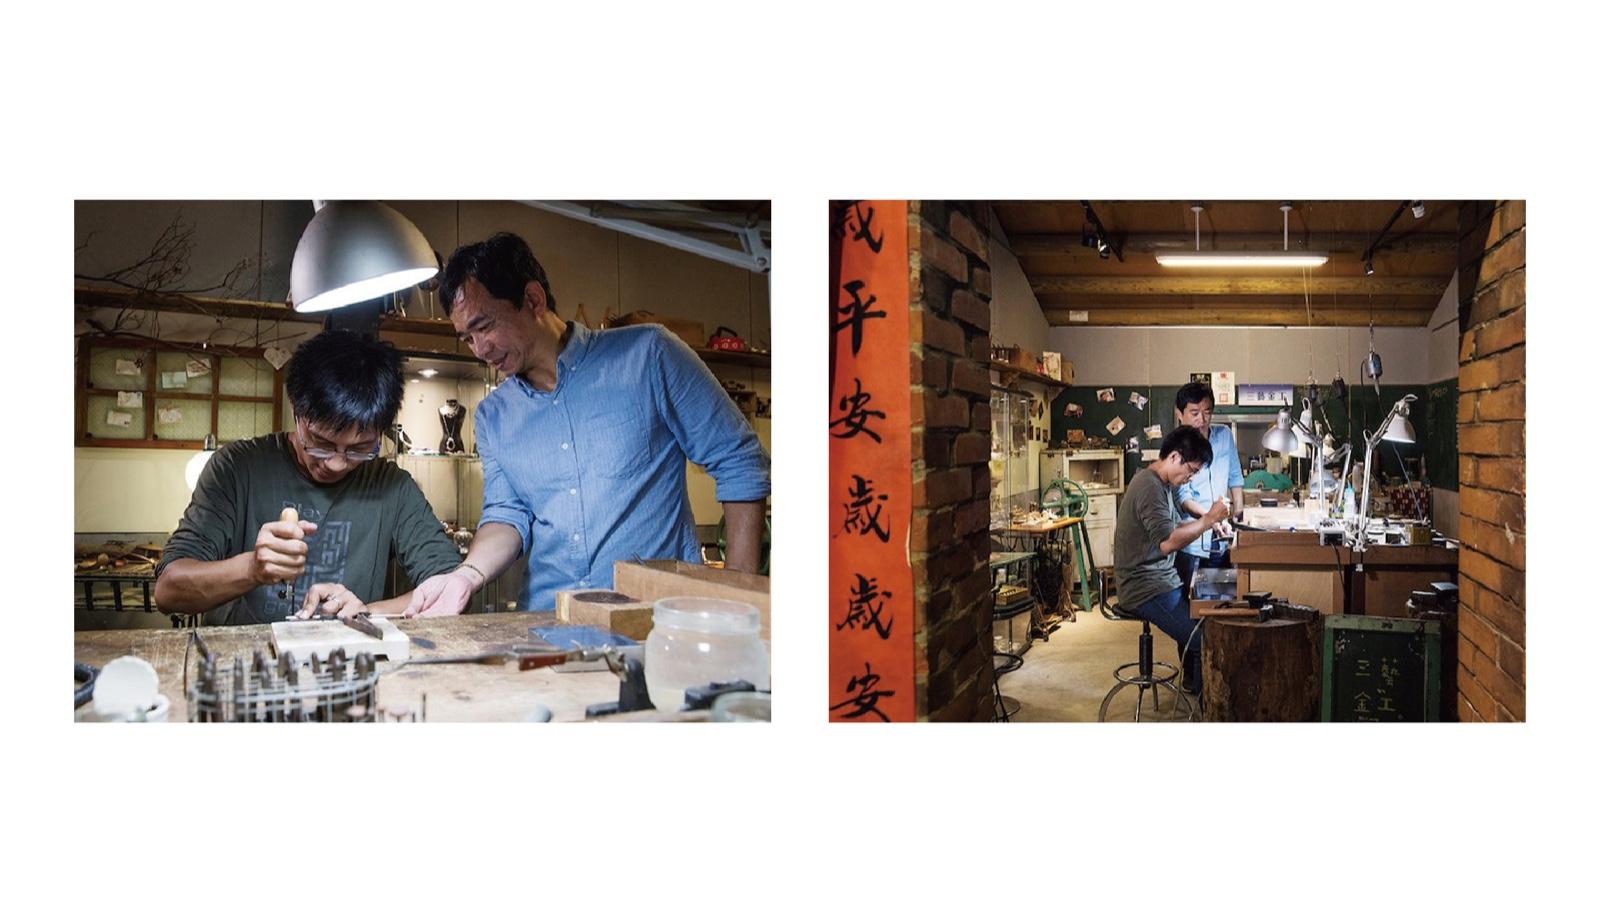 三藝金工 溫師傅在十三位那年,一腳踏入金工世界,跟隨傳統打金師傅學習技藝,經歷三年四個月的扎實學習後出師,  開始從事專業金工首飾的維修保養工作,30多年歲月練就一身好手藝。   甘樂文創   甘之如飴,樂在其中